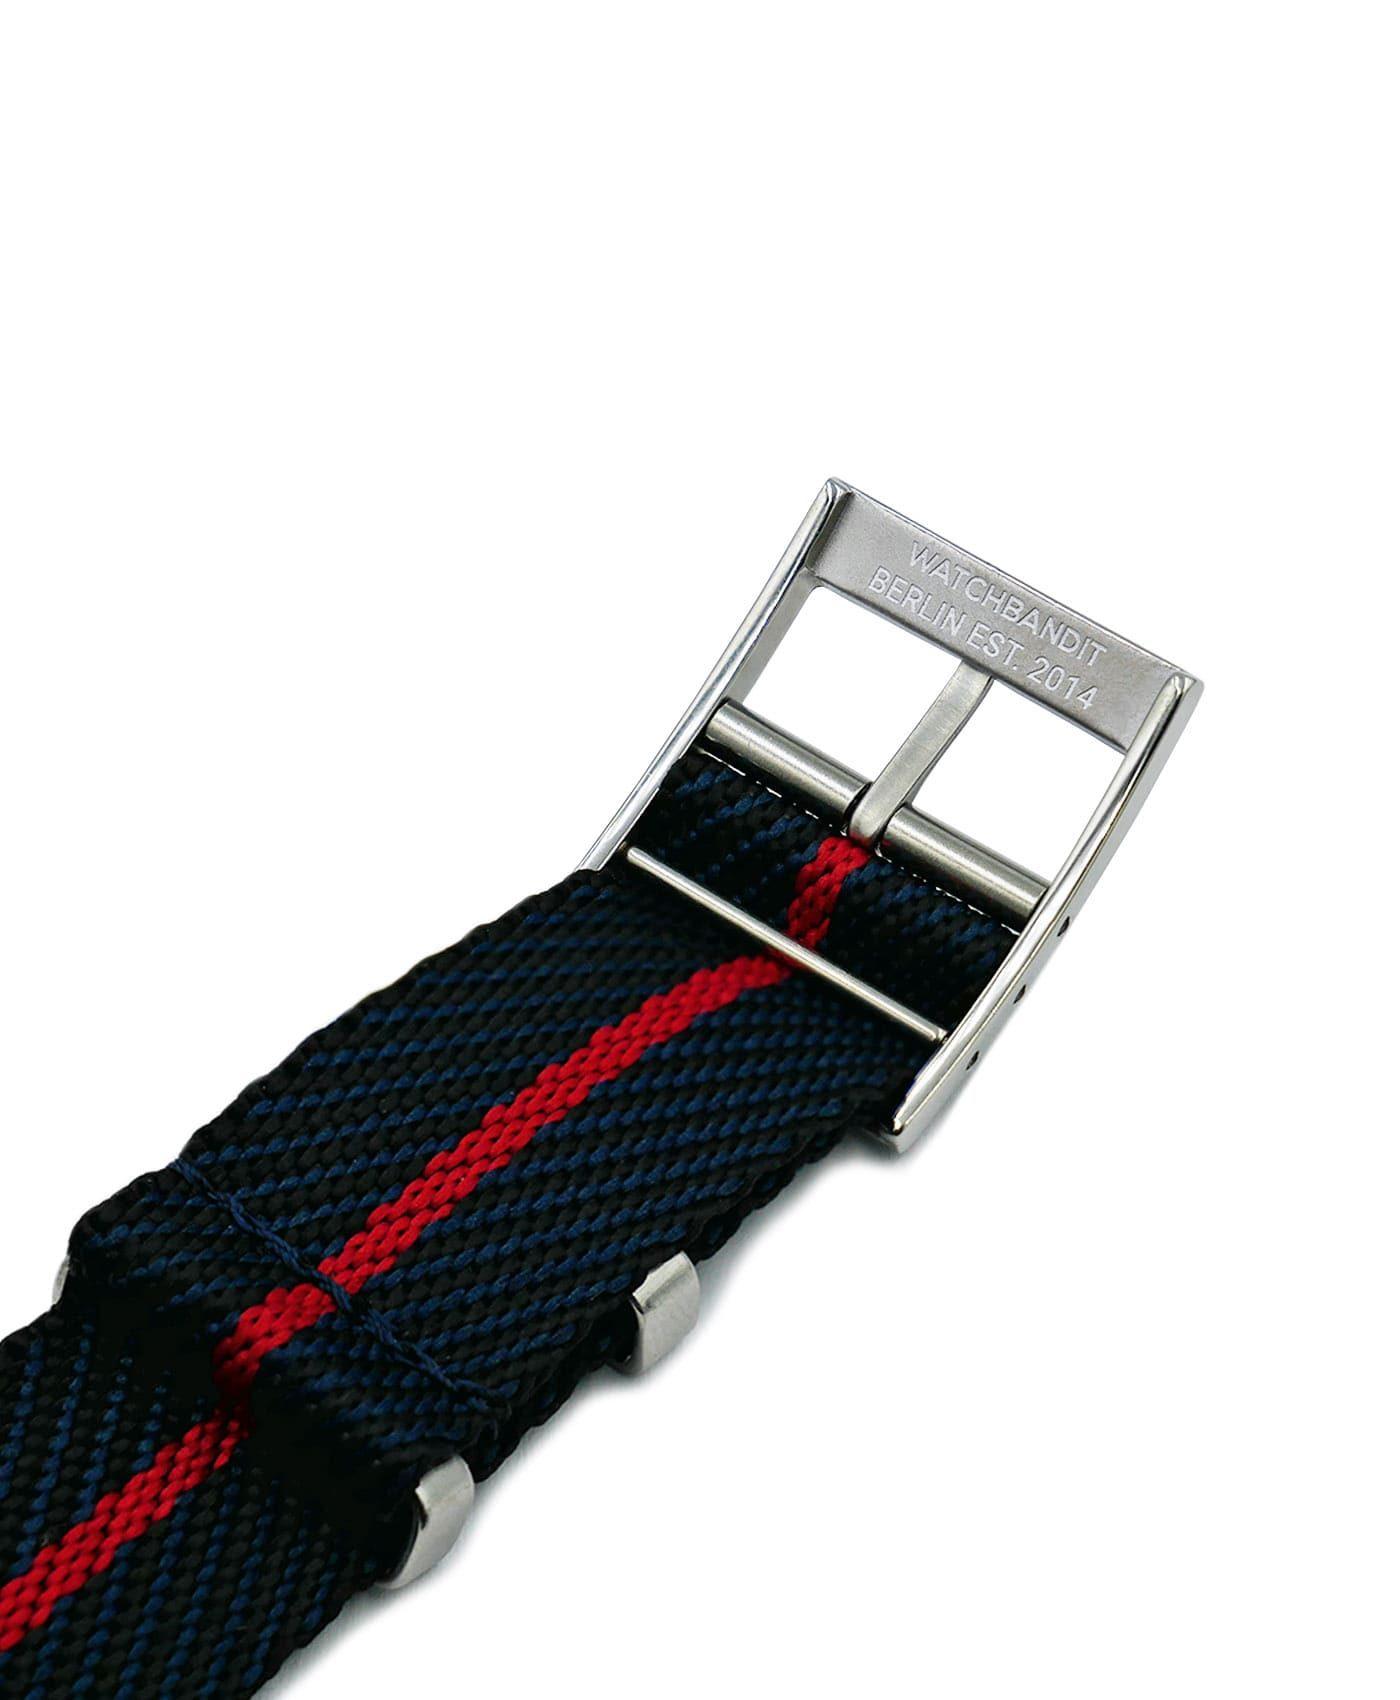 Adjustable NATO strap black blue red engraved buckle